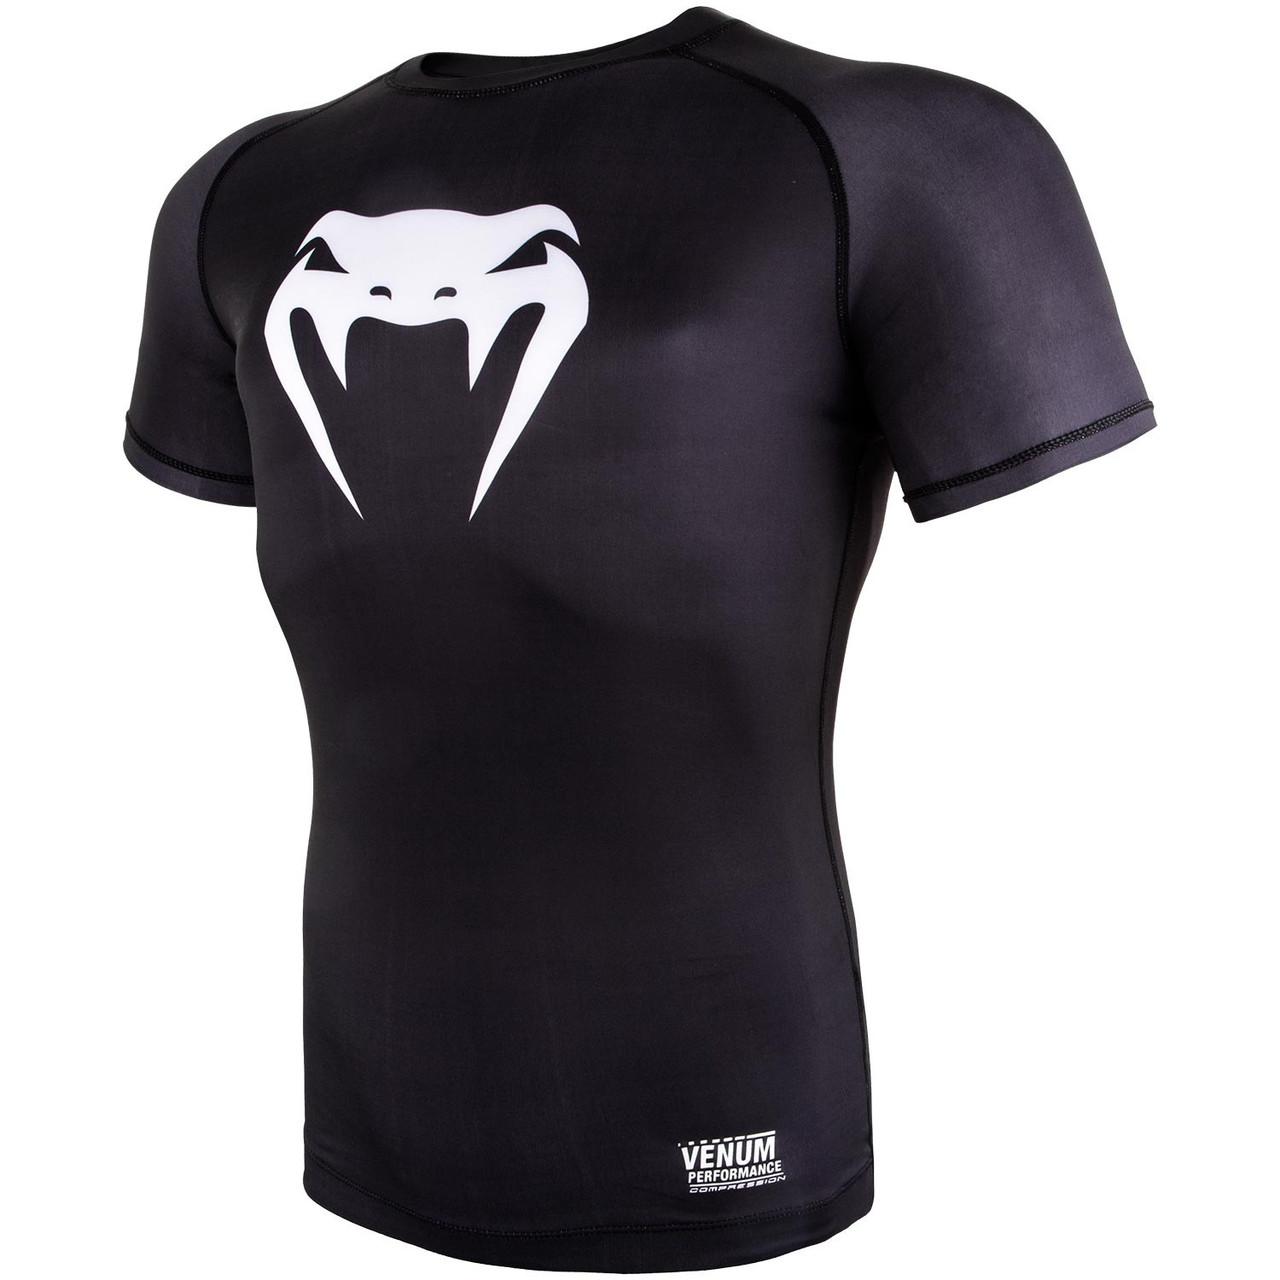 Компрессионная футболка Venum Contender 3.0 Short Sleeves Black/White